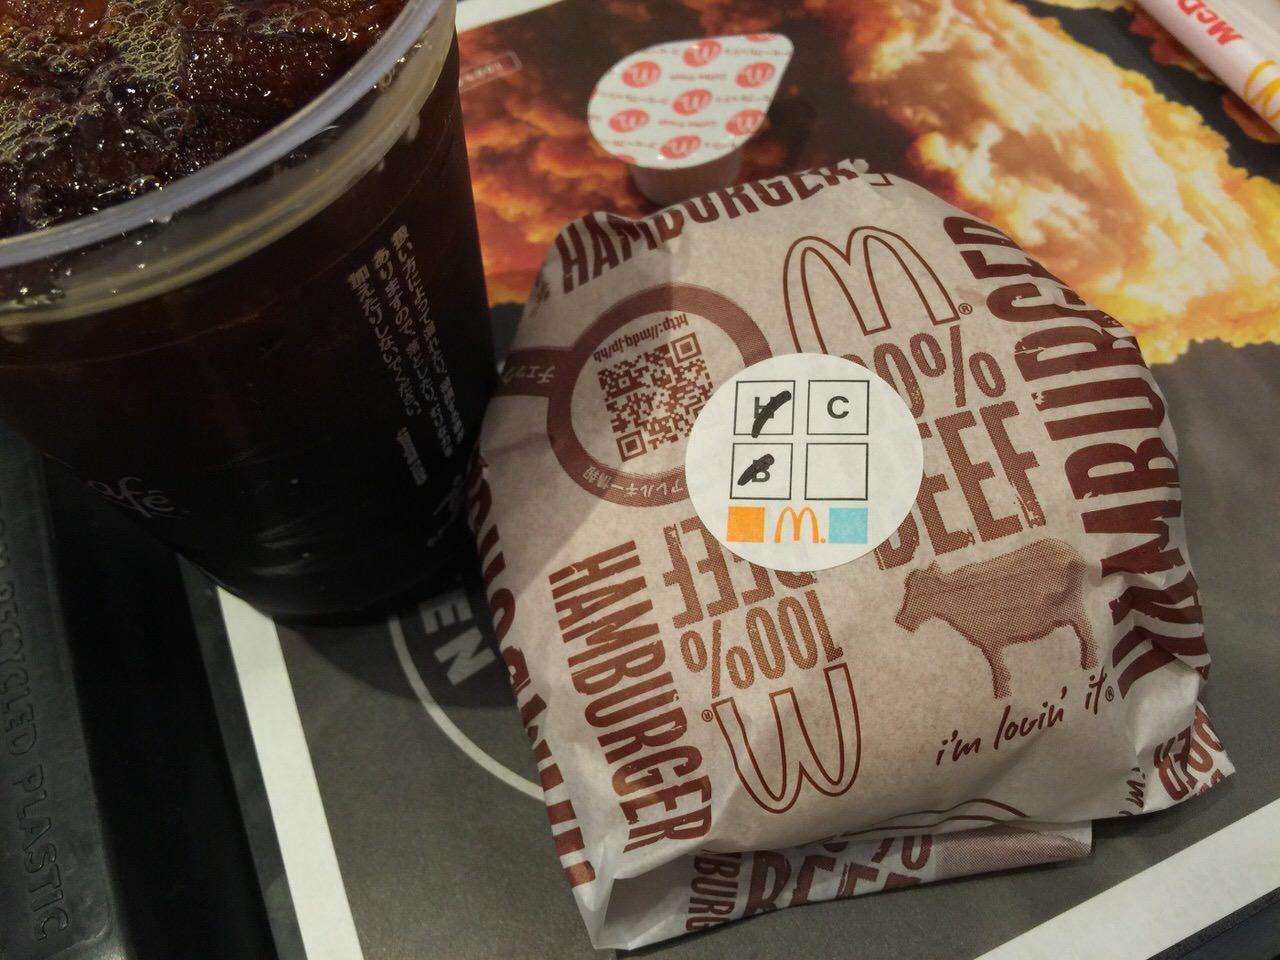 マクドナルドの「裏メニュー」食べた → ハンバーガーにハラペーニョとスモークベーコンをトッピングして旨し!